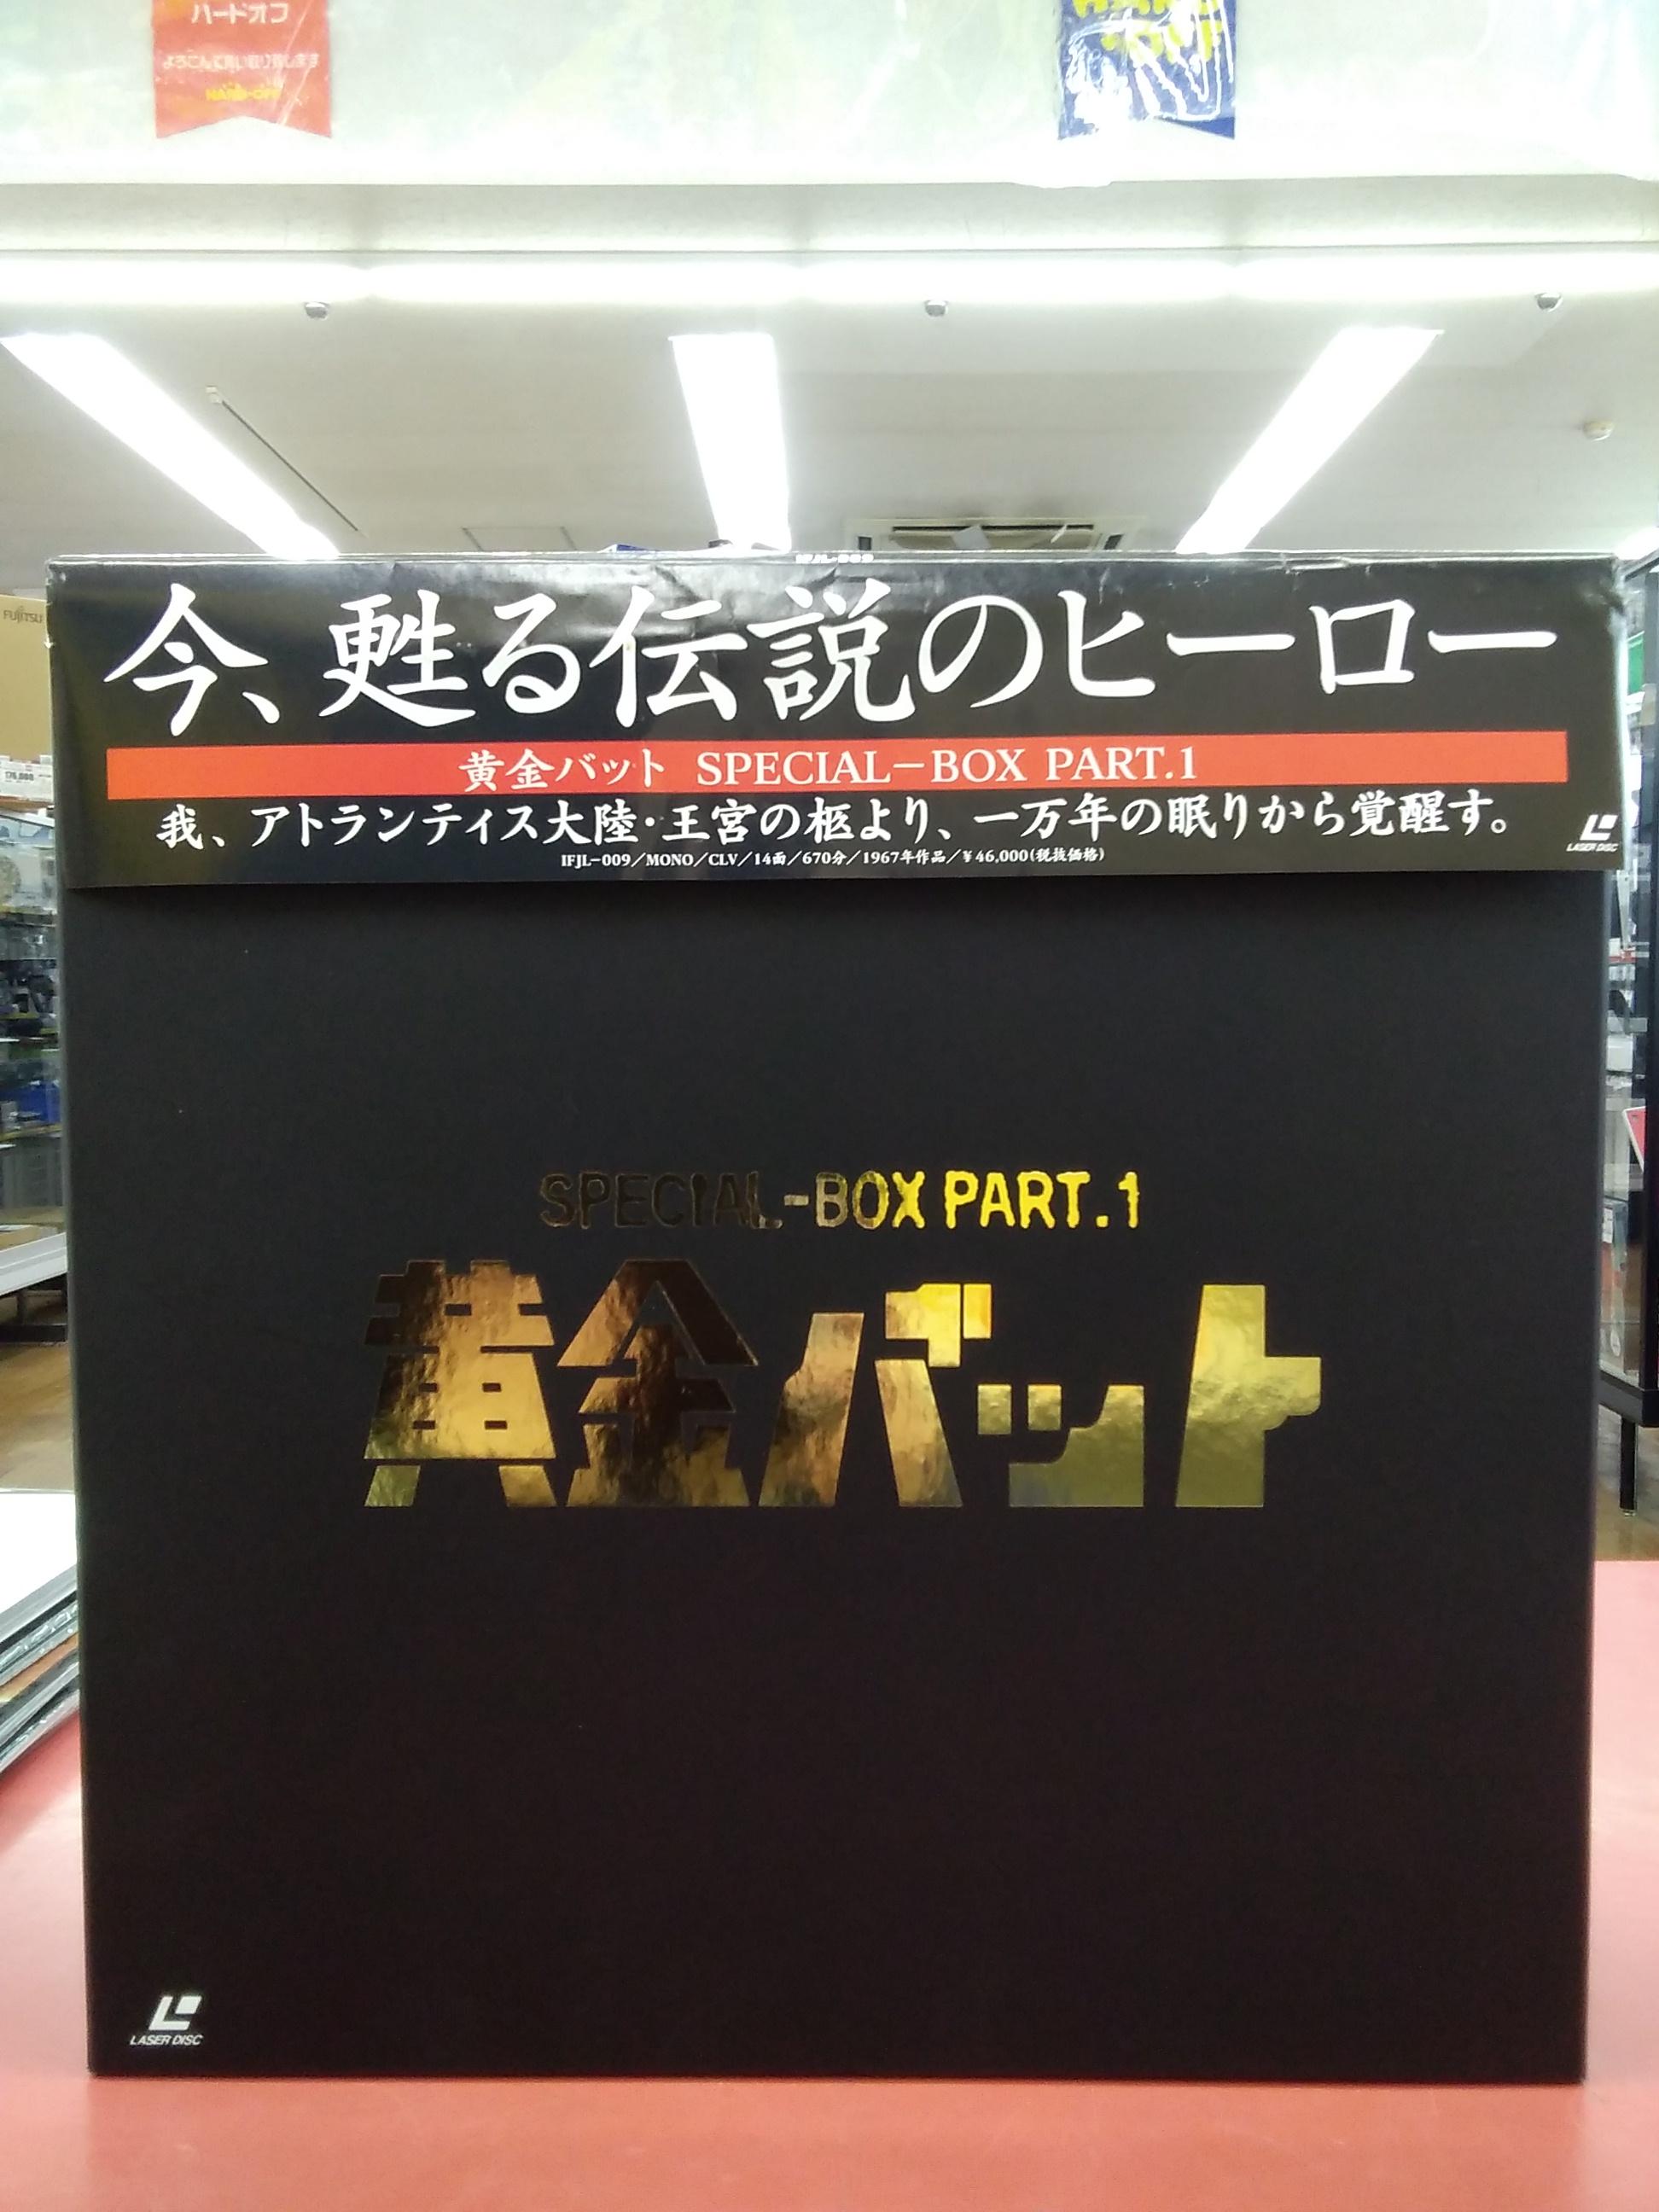 黄金バット SPECIAL-BOX PART.1 イメージファクトリー・アイエム